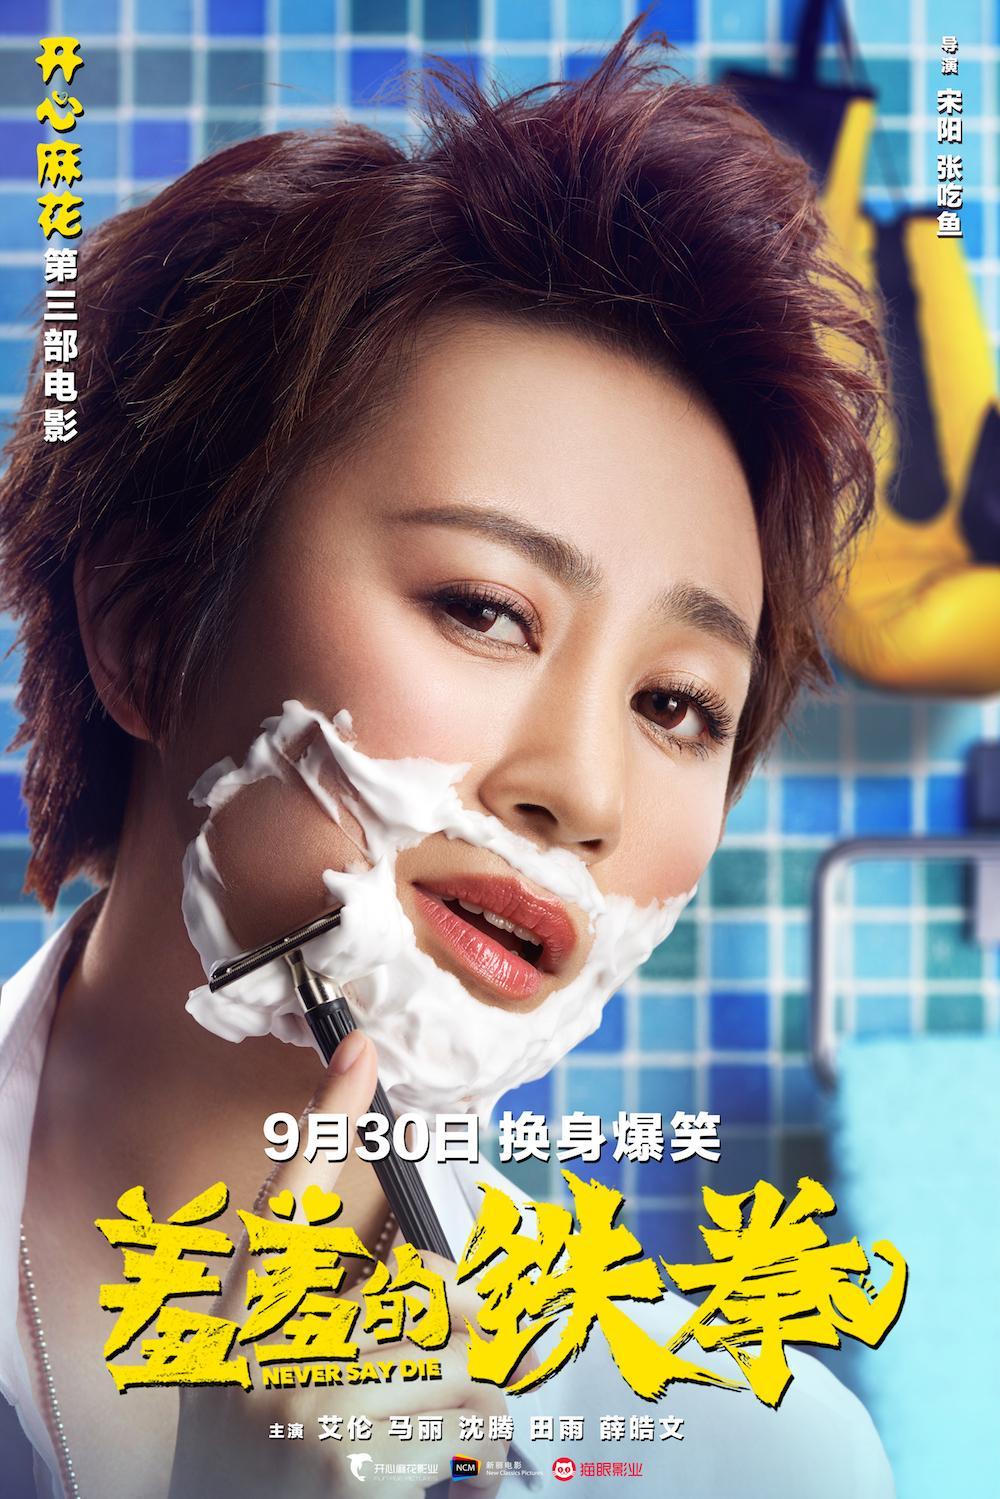 《羞羞的铁拳》人物海报图片